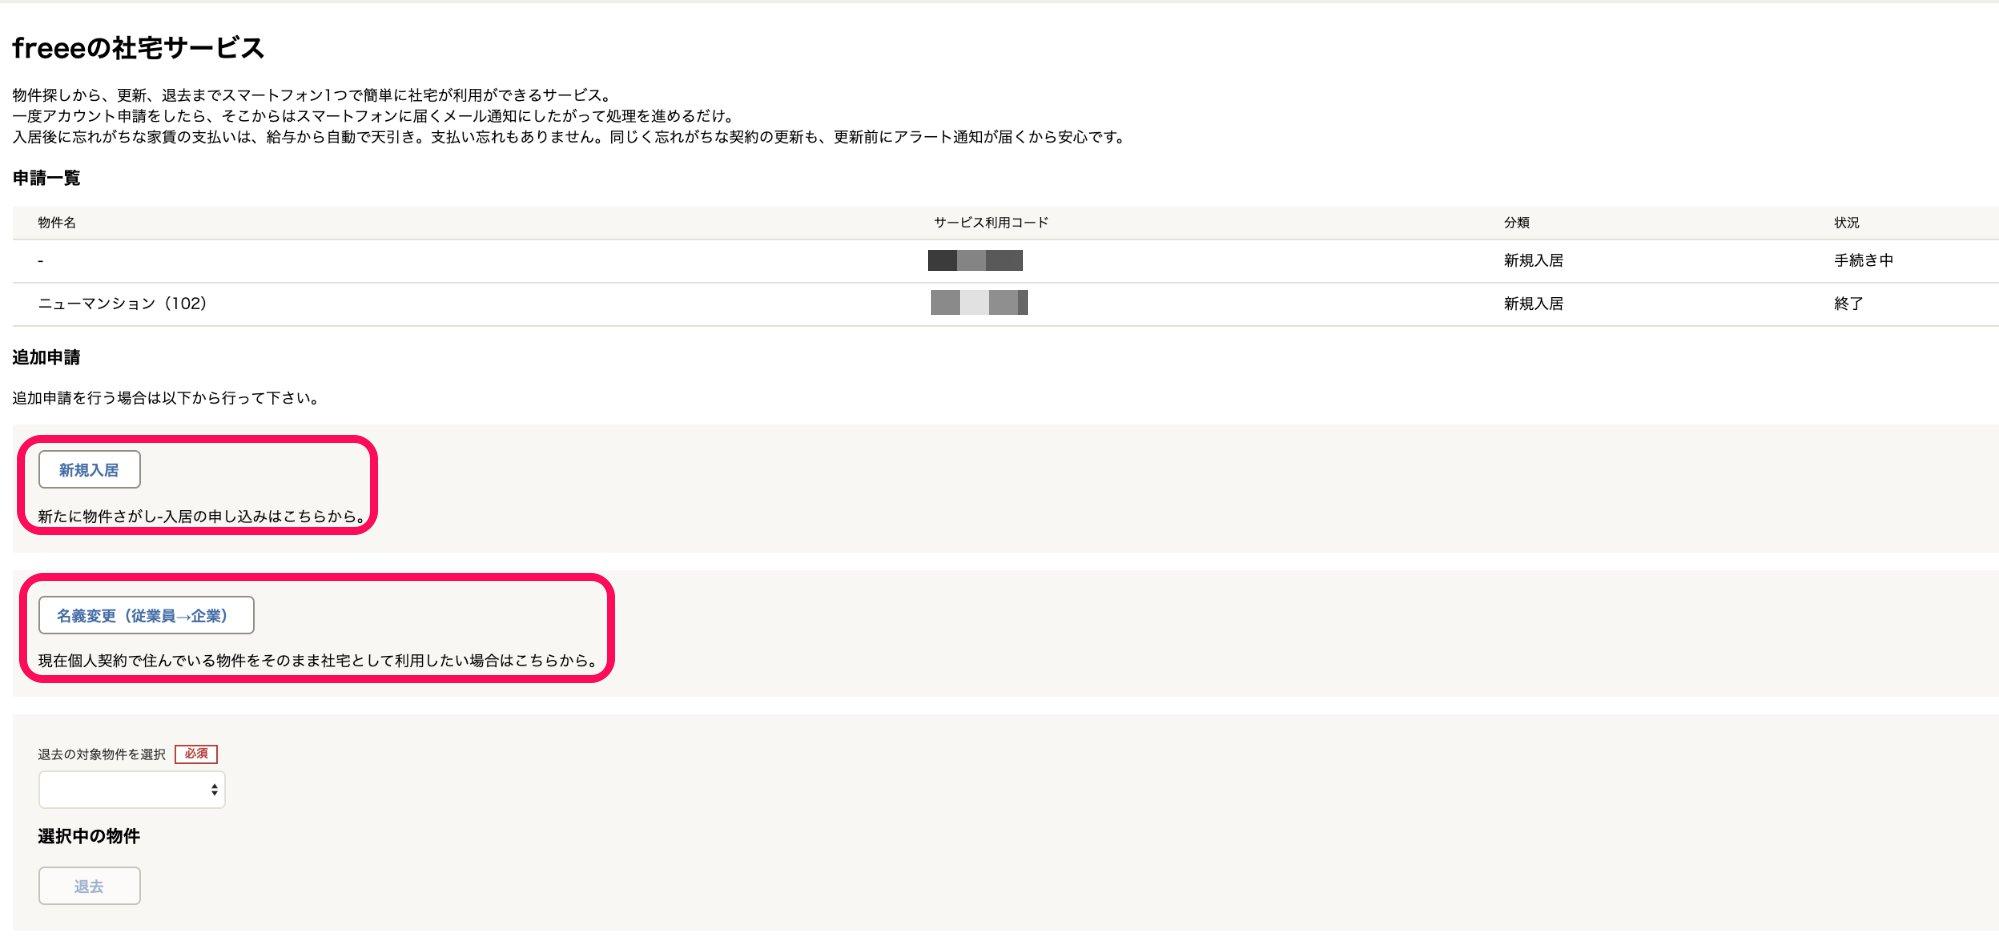 freeeの社宅サービス画面の「追加申請」にある[新規入居]ボタンと[名義変更]ボタンを指し示しているスクリーンショット